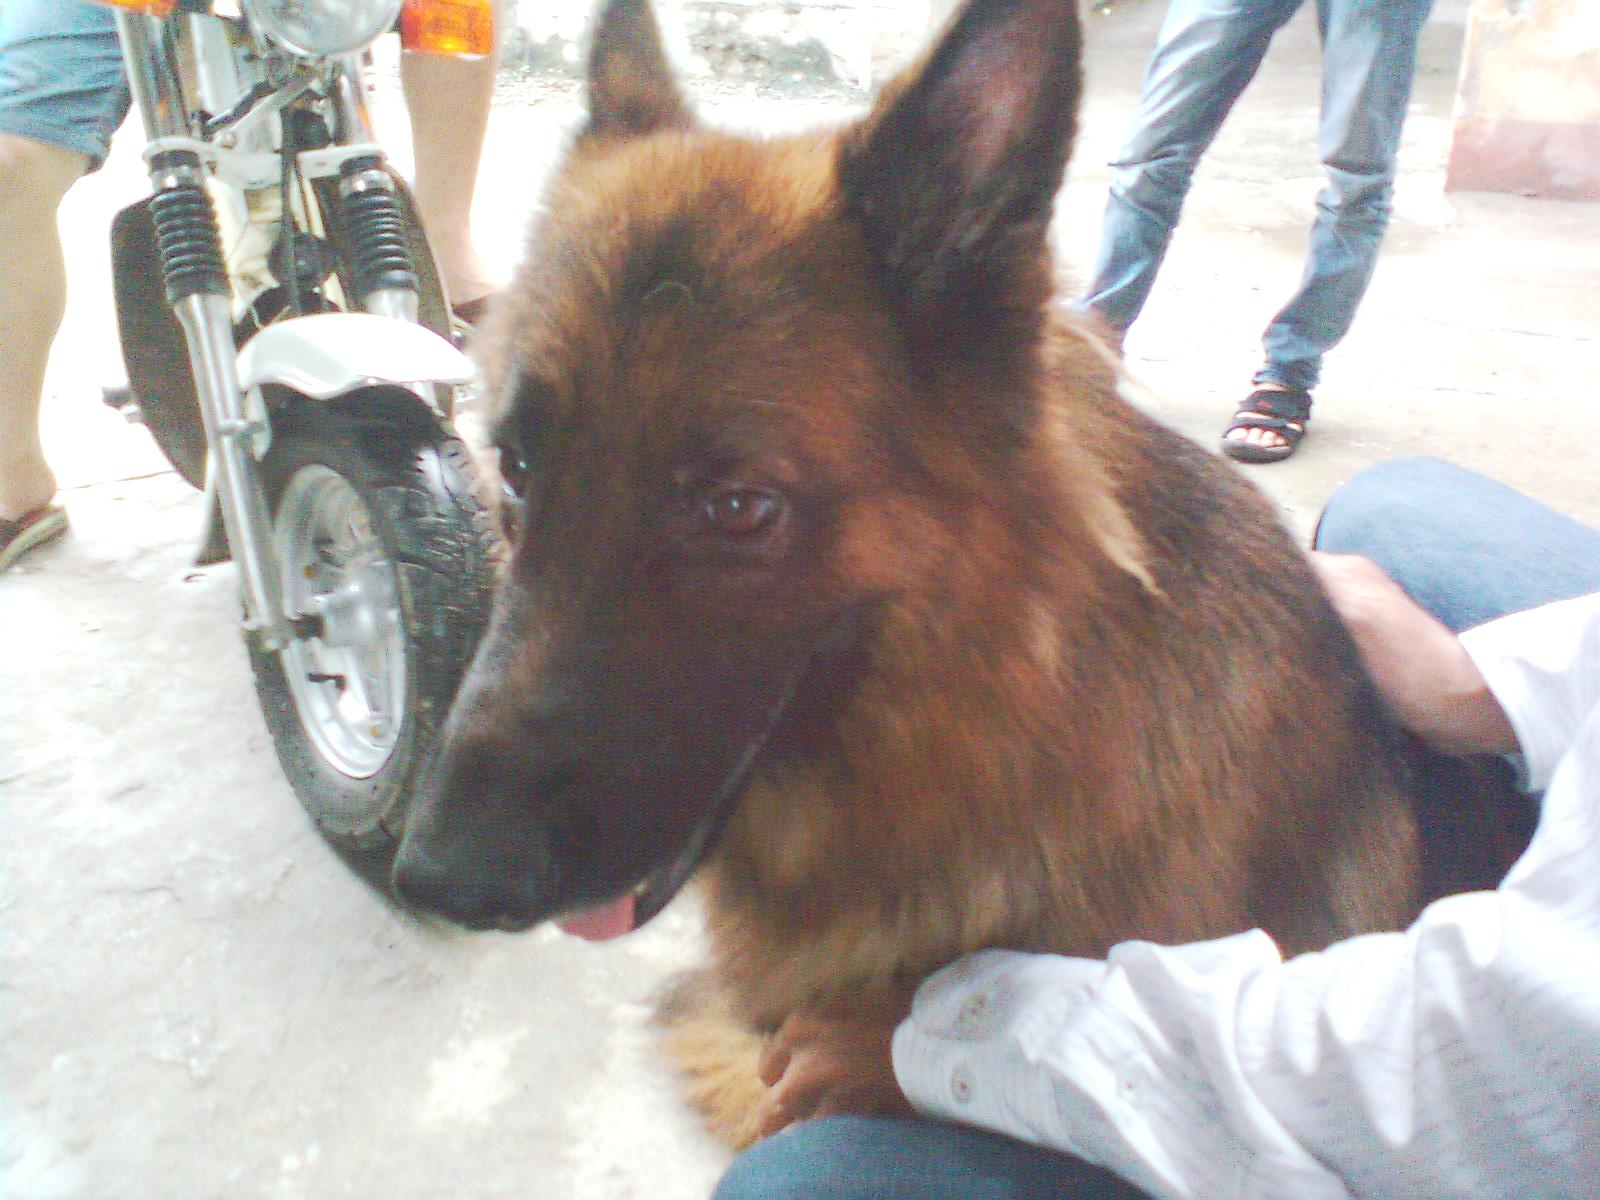 Nguy cơ tiềm ẩn từ việc nuôi chó dữ